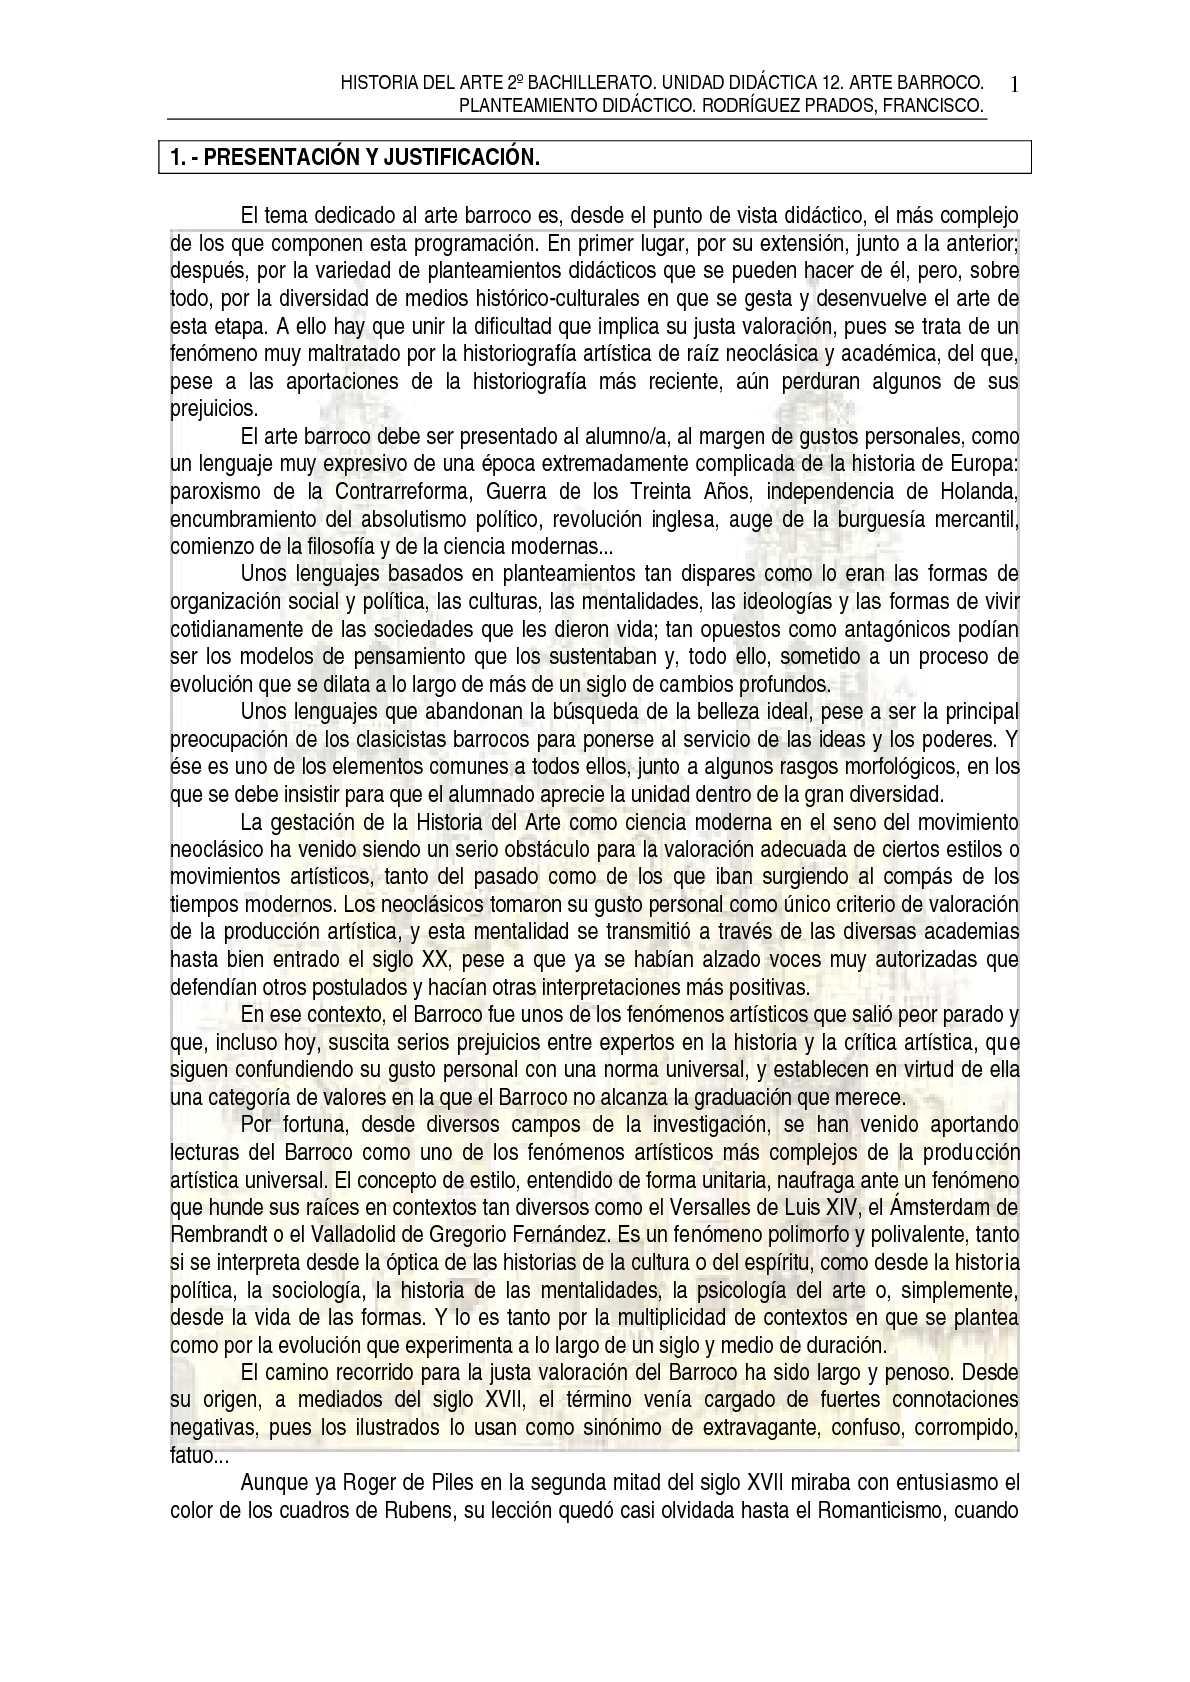 Calaméo - TEMA 12. ARTE BARROCO